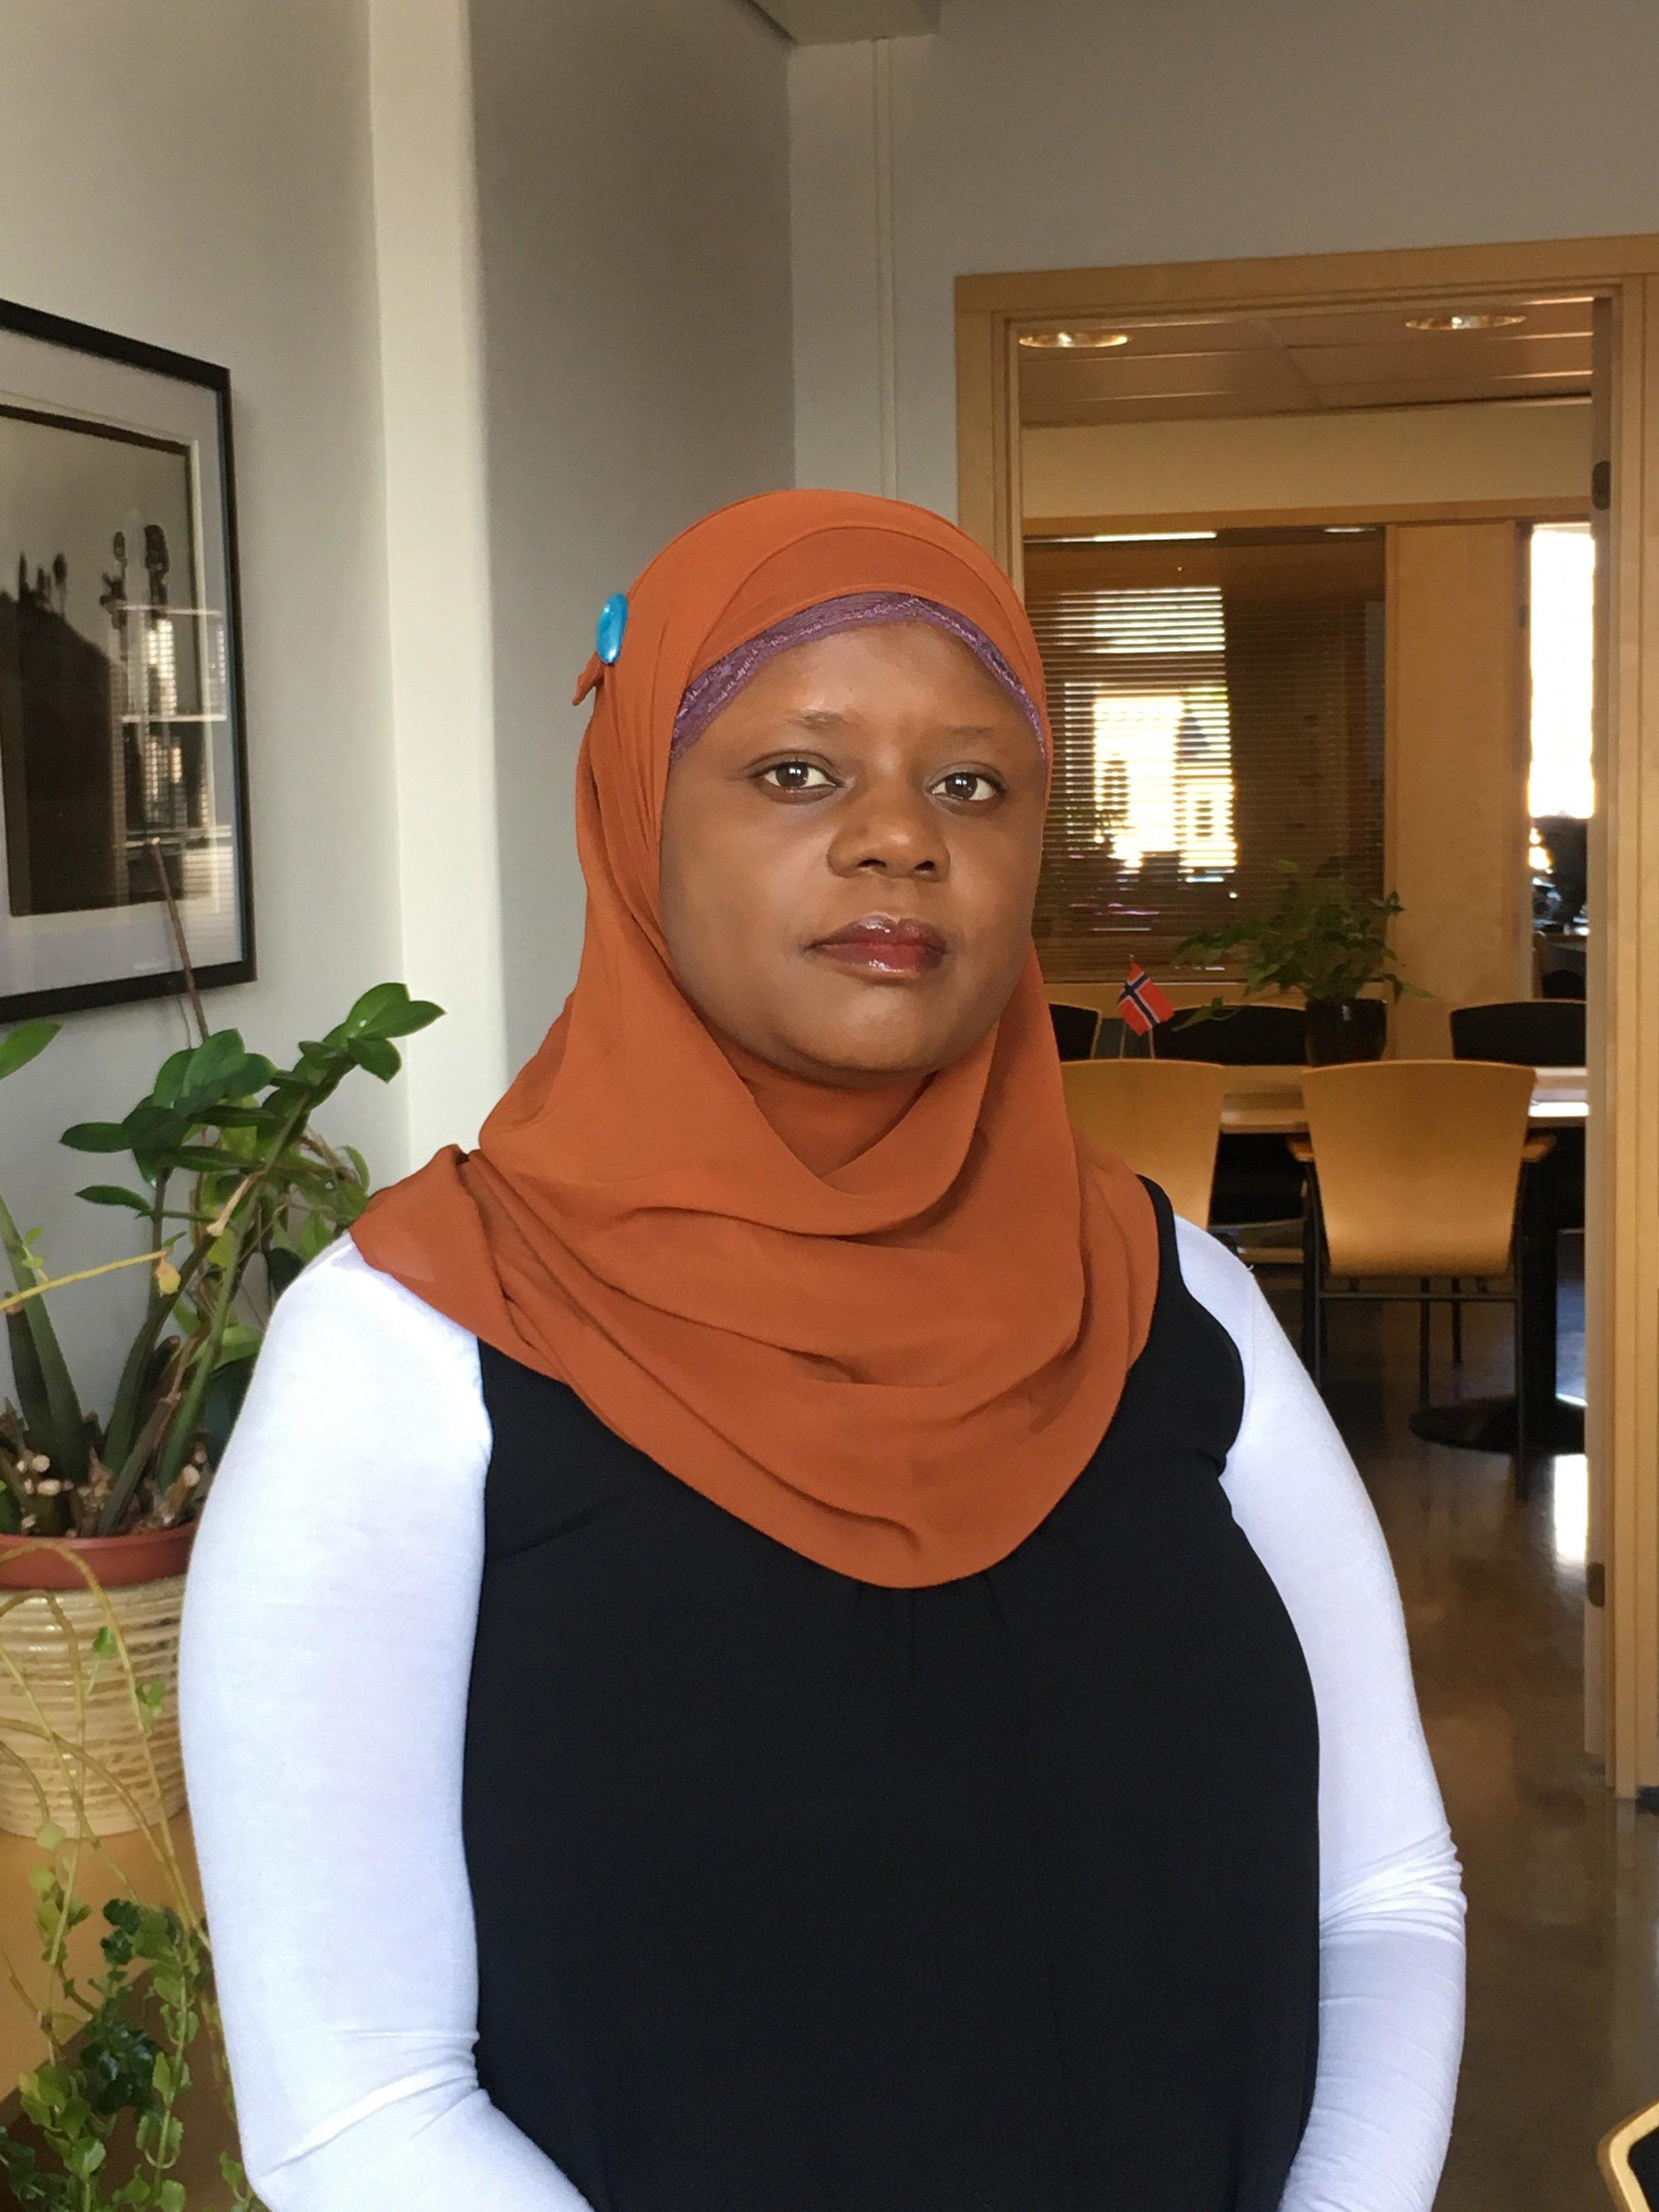 Ablooms grunnlegger, Faridah Nabaggala.